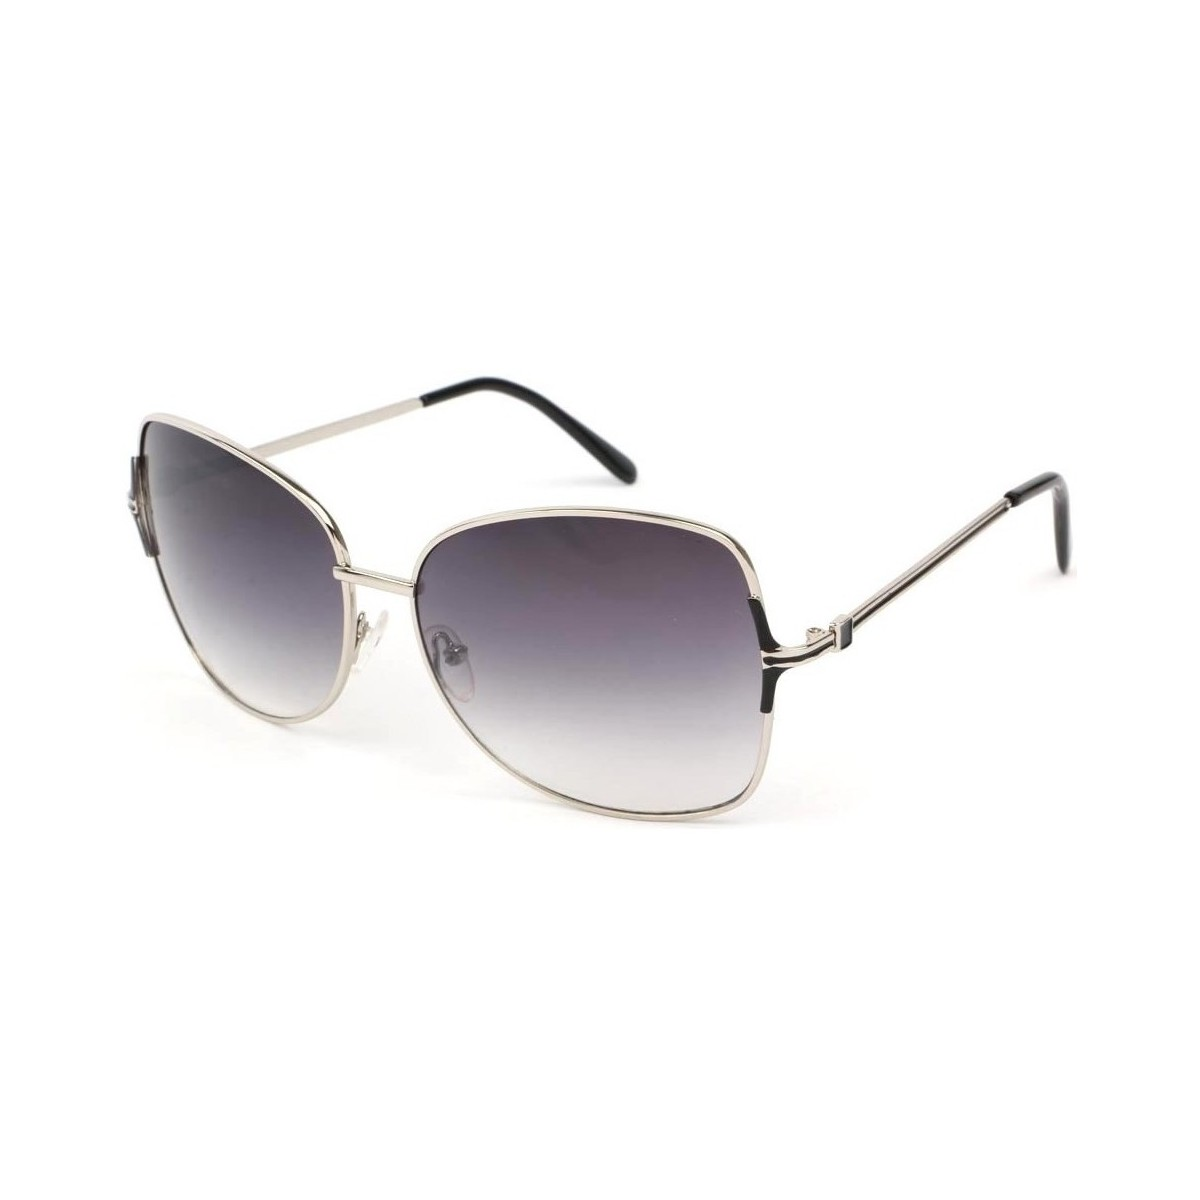 Eye Wear Lunettes Soleil Babe avec monture argent verres fumés Gris Gris